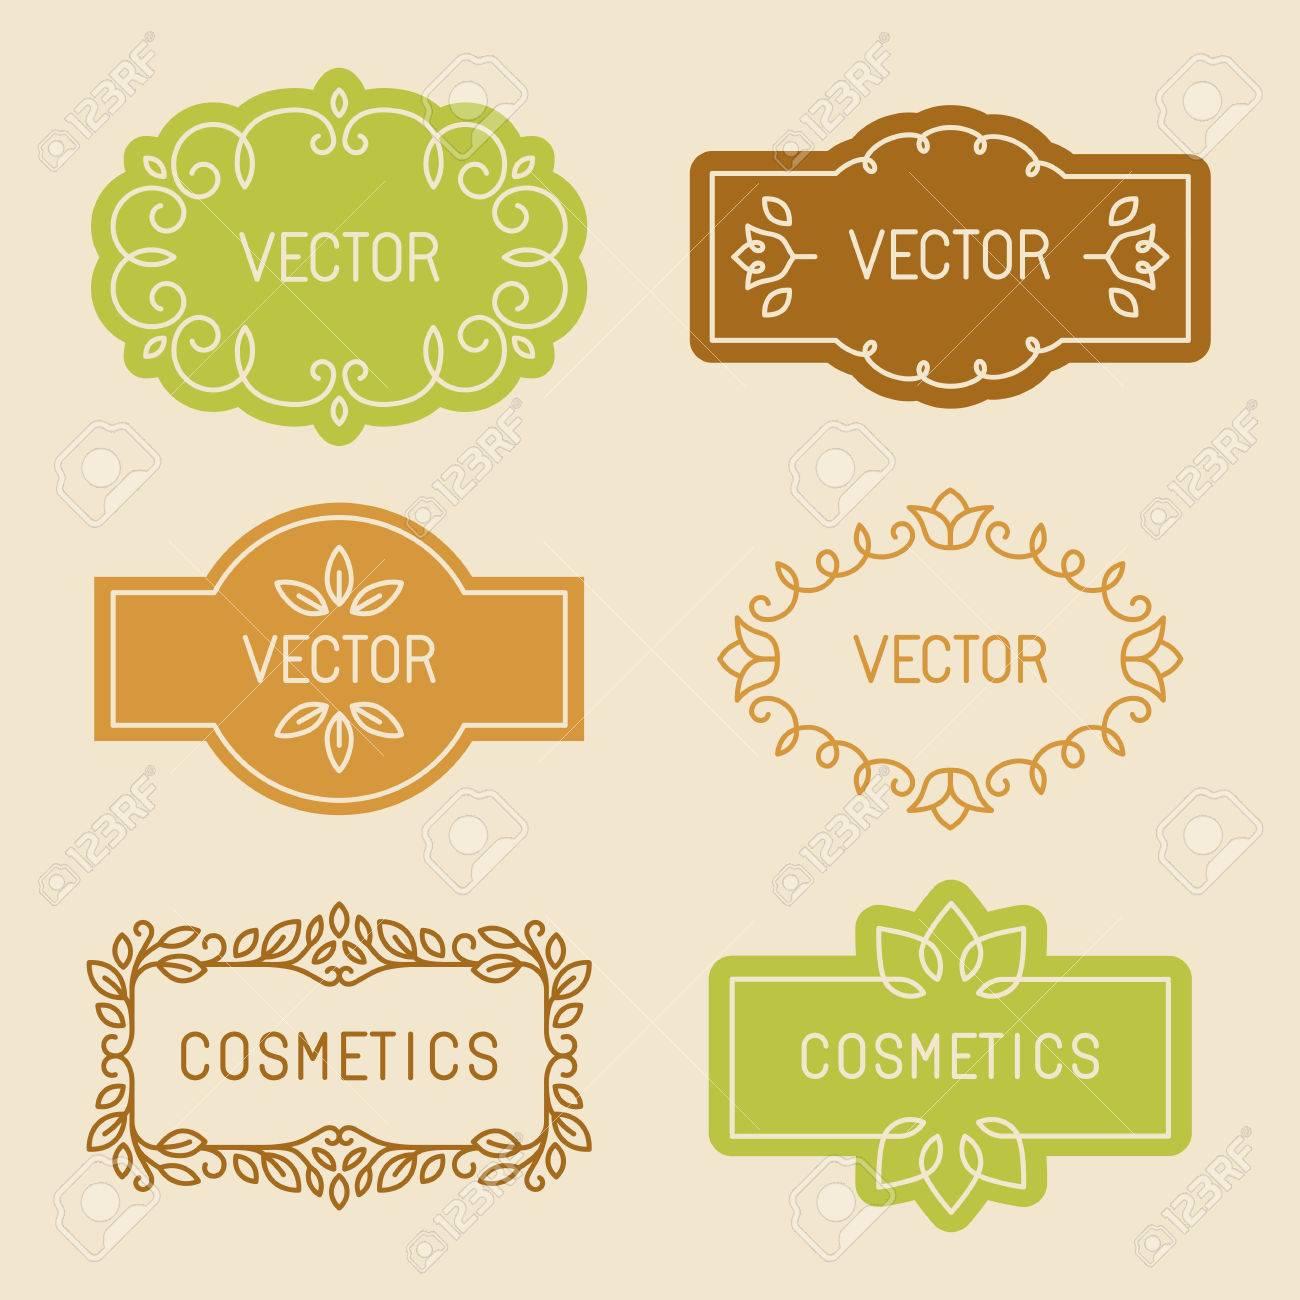 Vektor-Satz Von Linearen Design-Elemente, Etiketten Und Den Rahmen ...